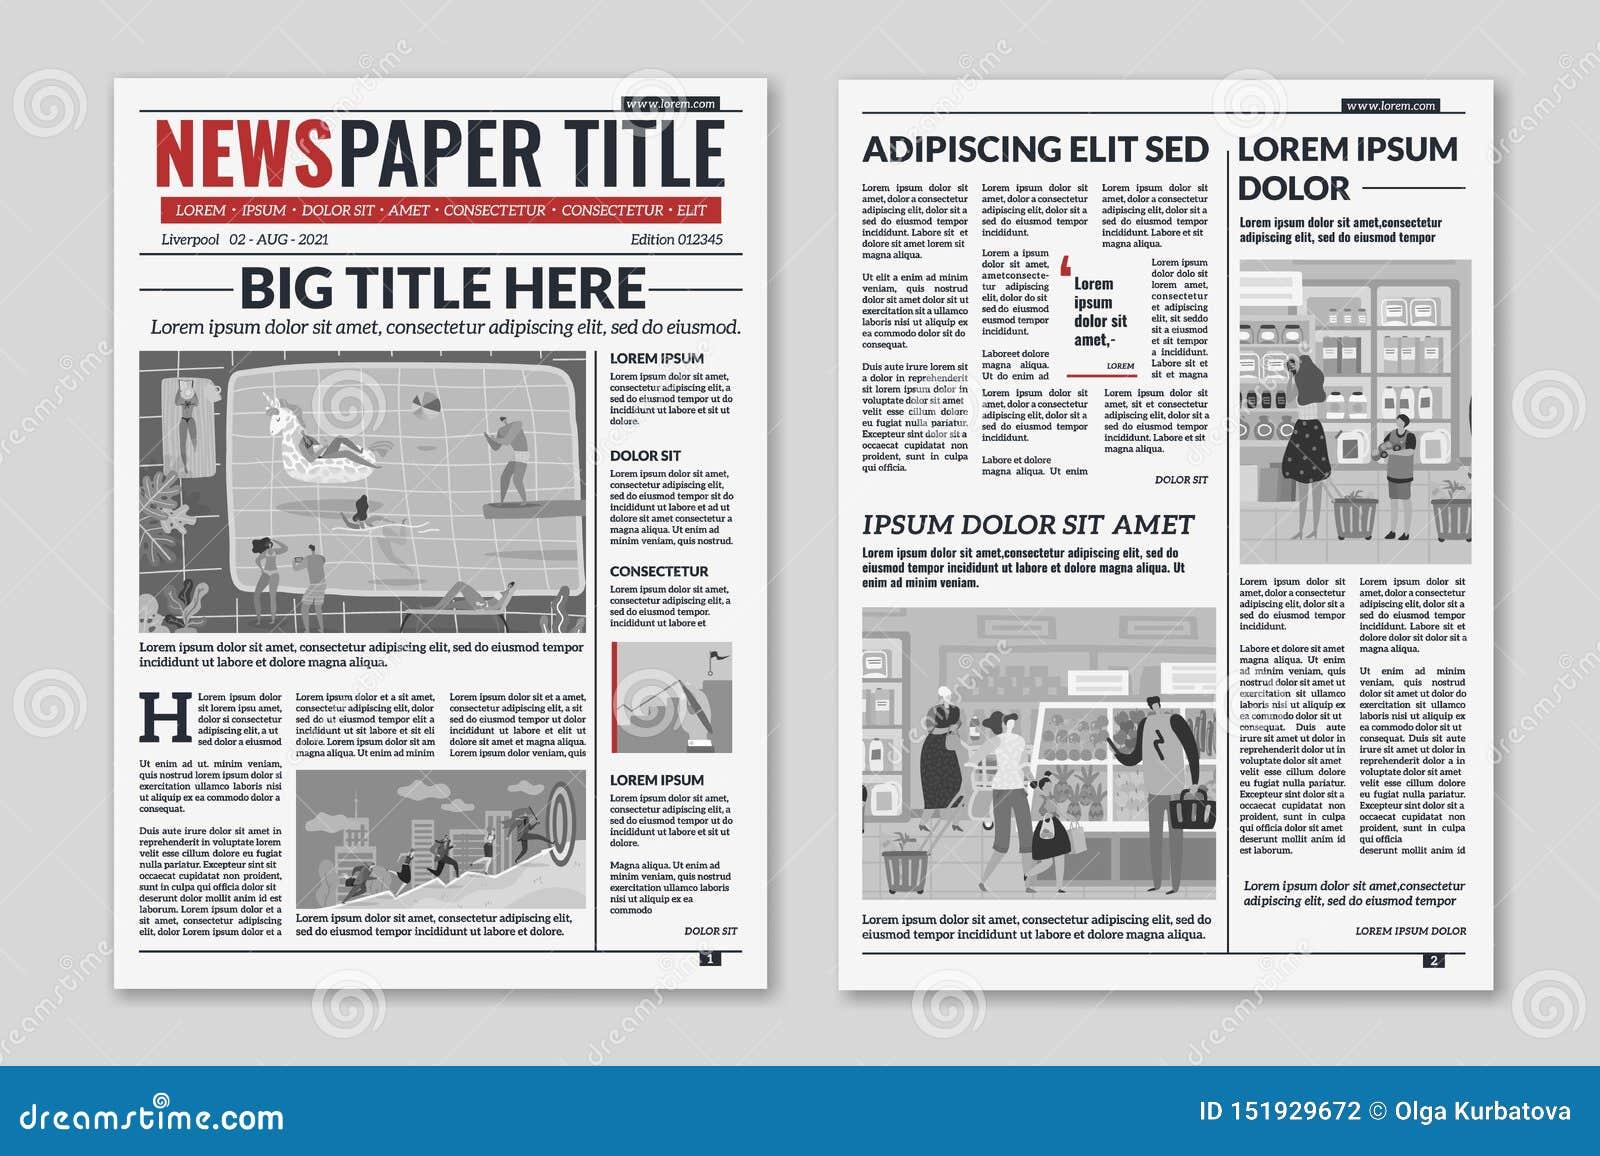 Newspaper Layout  News Column Articles Newsprint Magazine Design